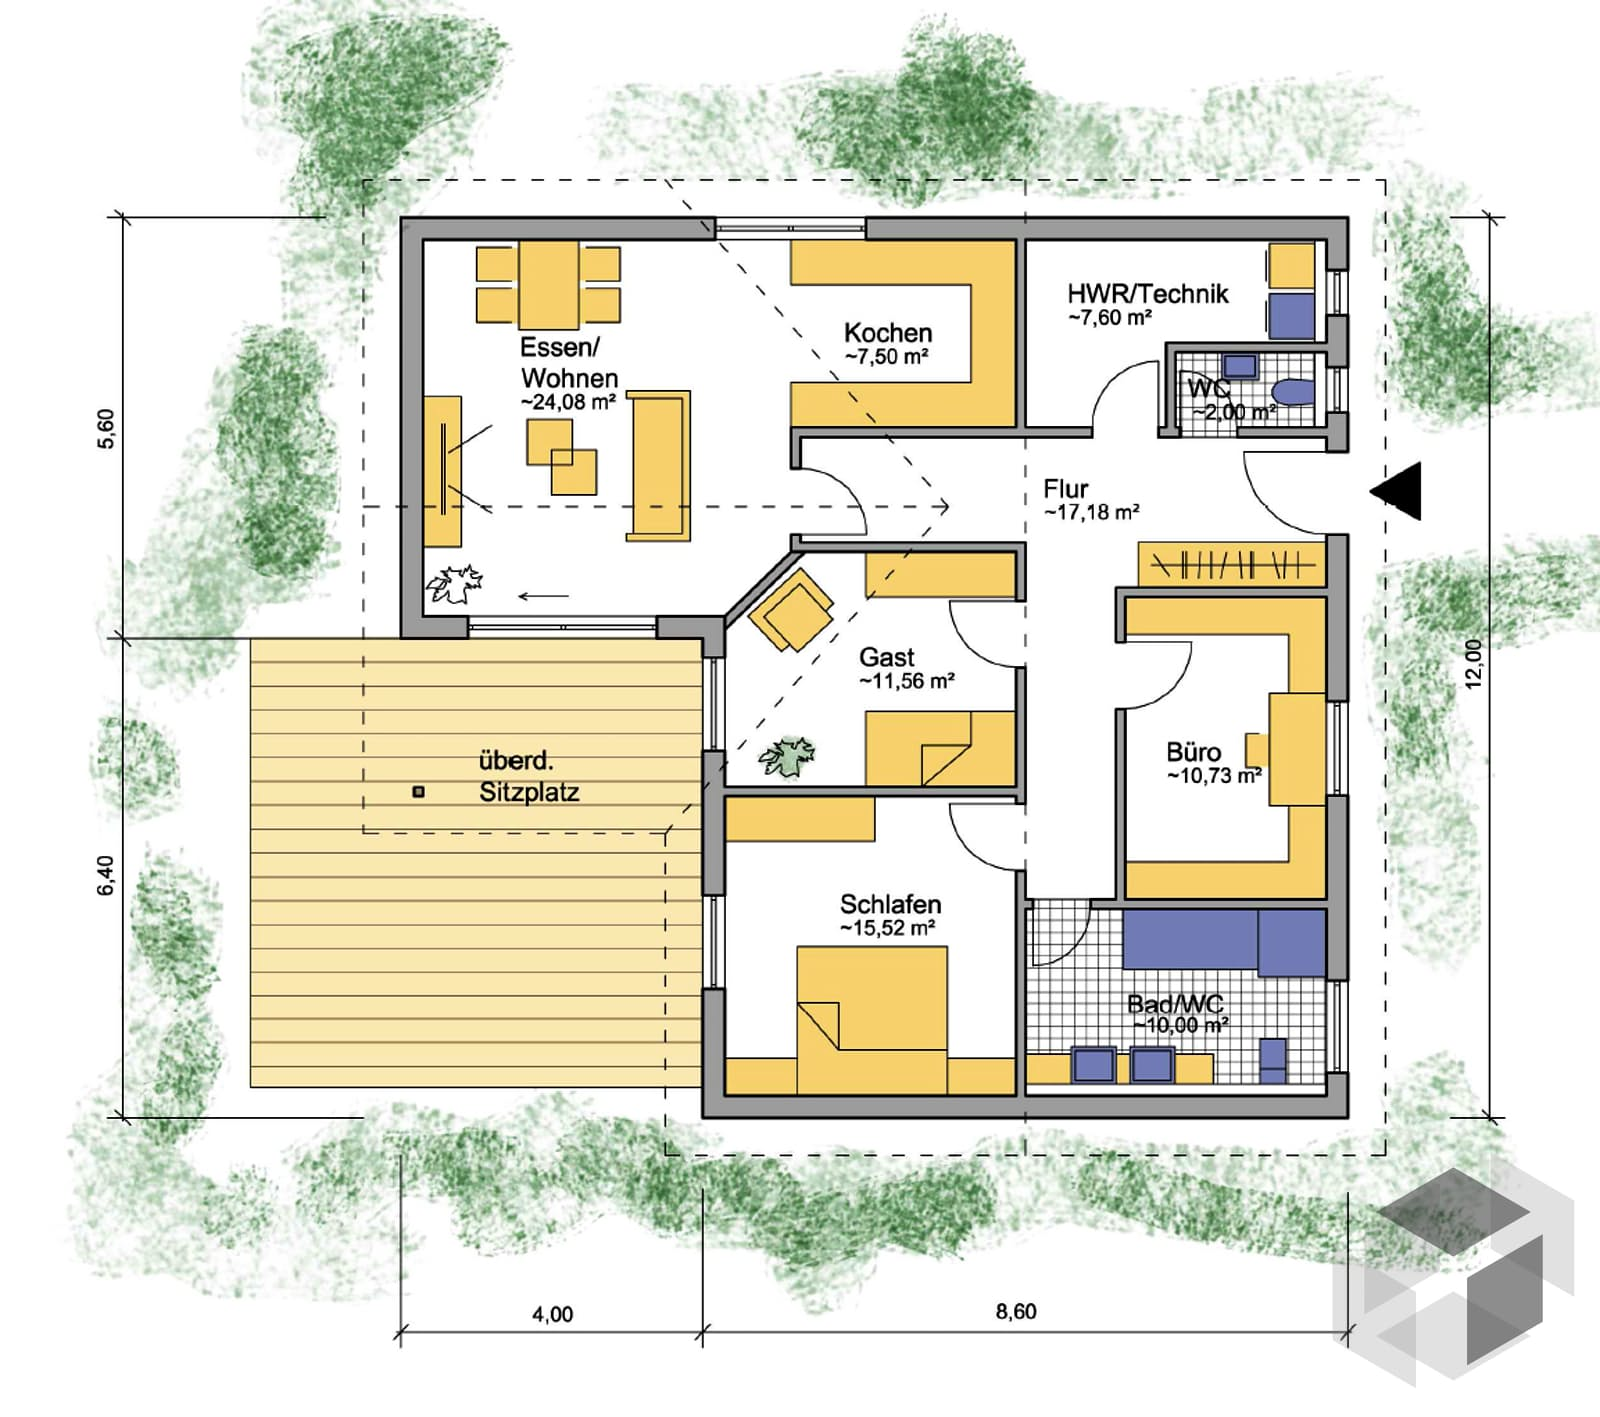 altusried inactive von iller haus komplette. Black Bedroom Furniture Sets. Home Design Ideas